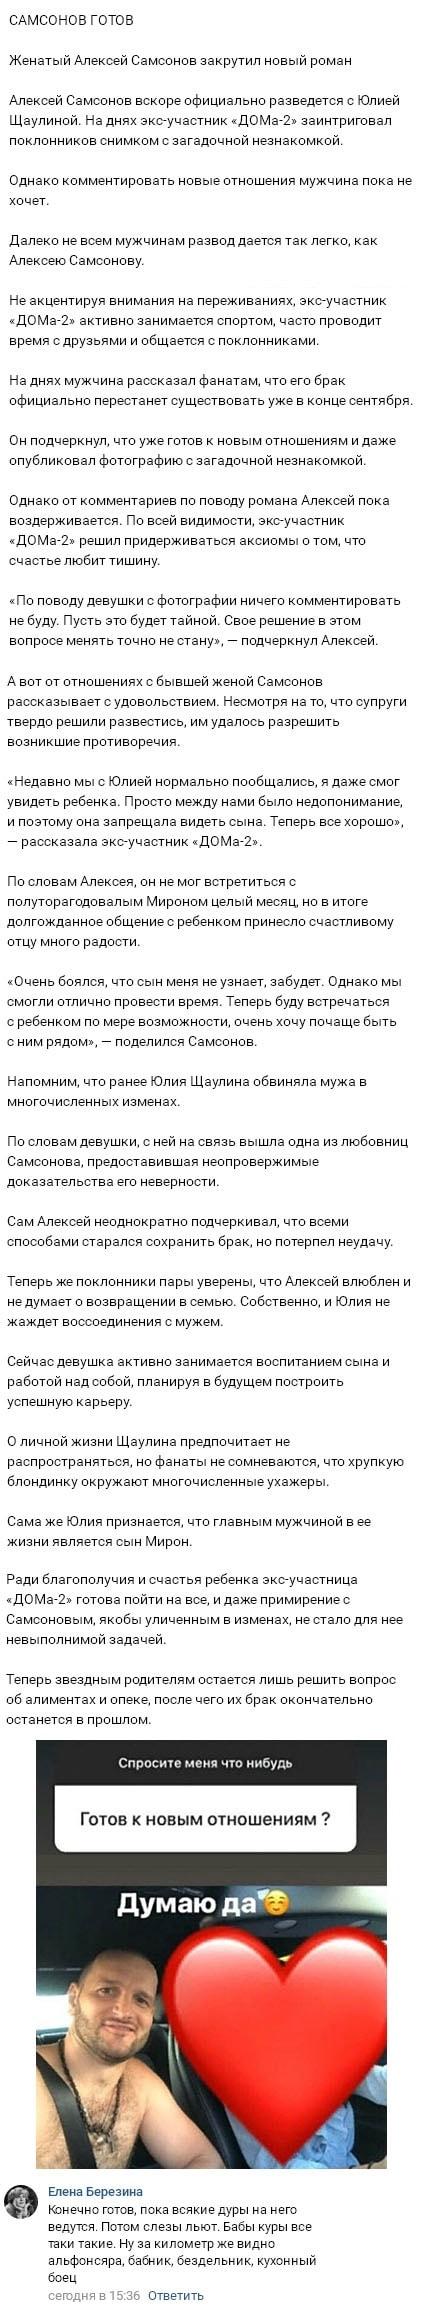 Алексей Самсонов ещё не развёлся но уже строит новые отношения